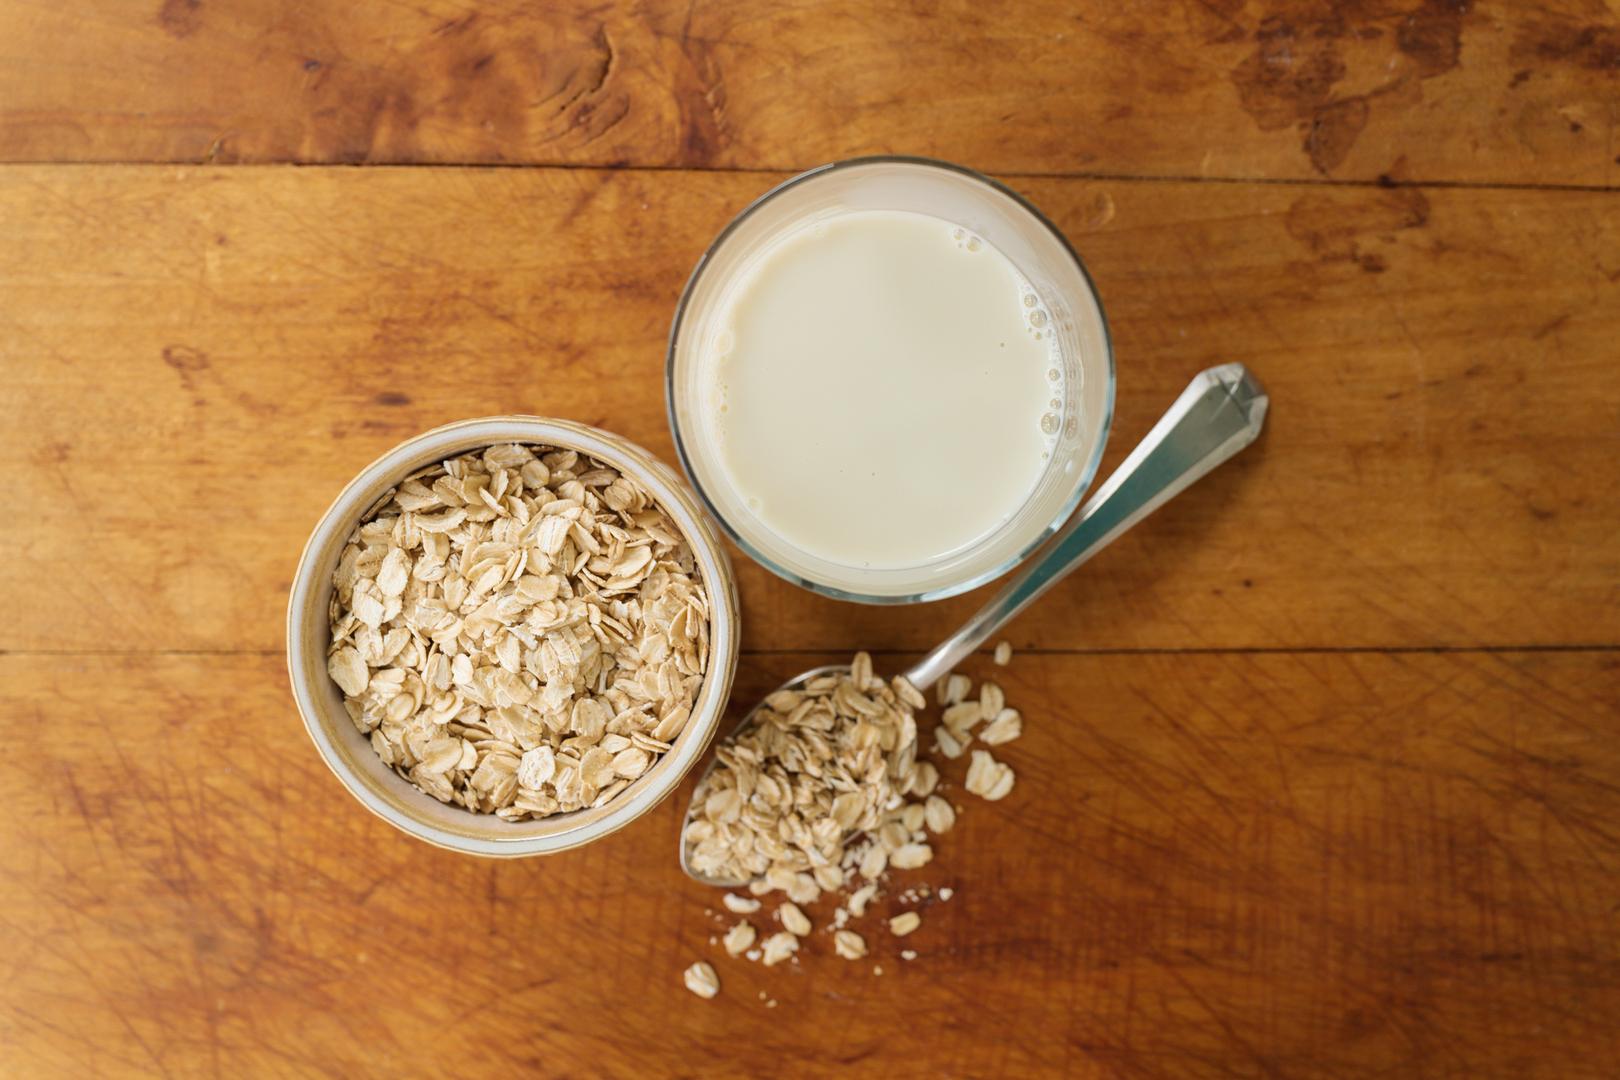 ما هي الفوائد الصحية لتناول الشوفان في الصباح؟